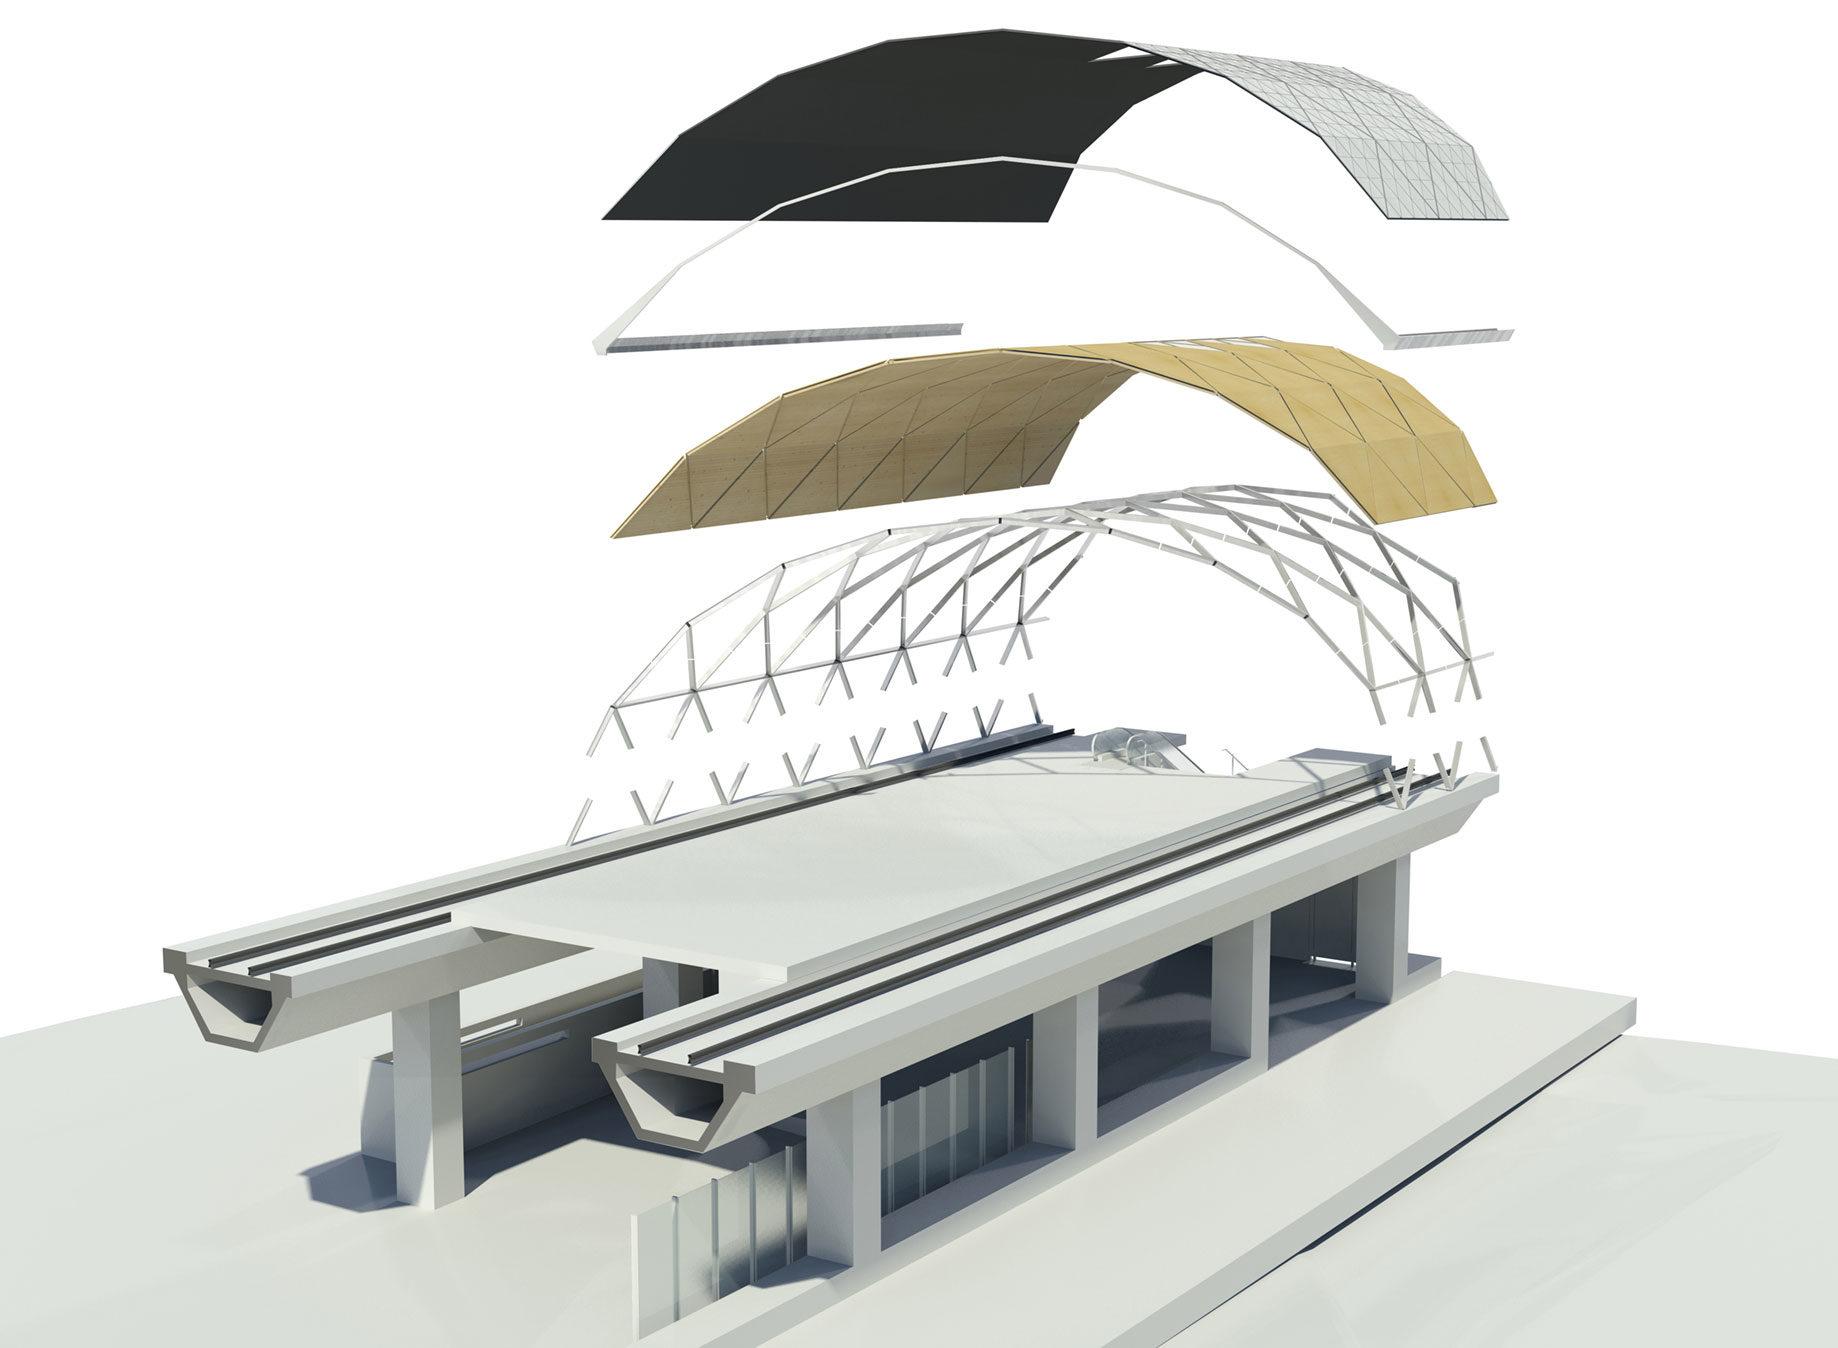 Composição axonometric que mostra componentes do telhado das estações.